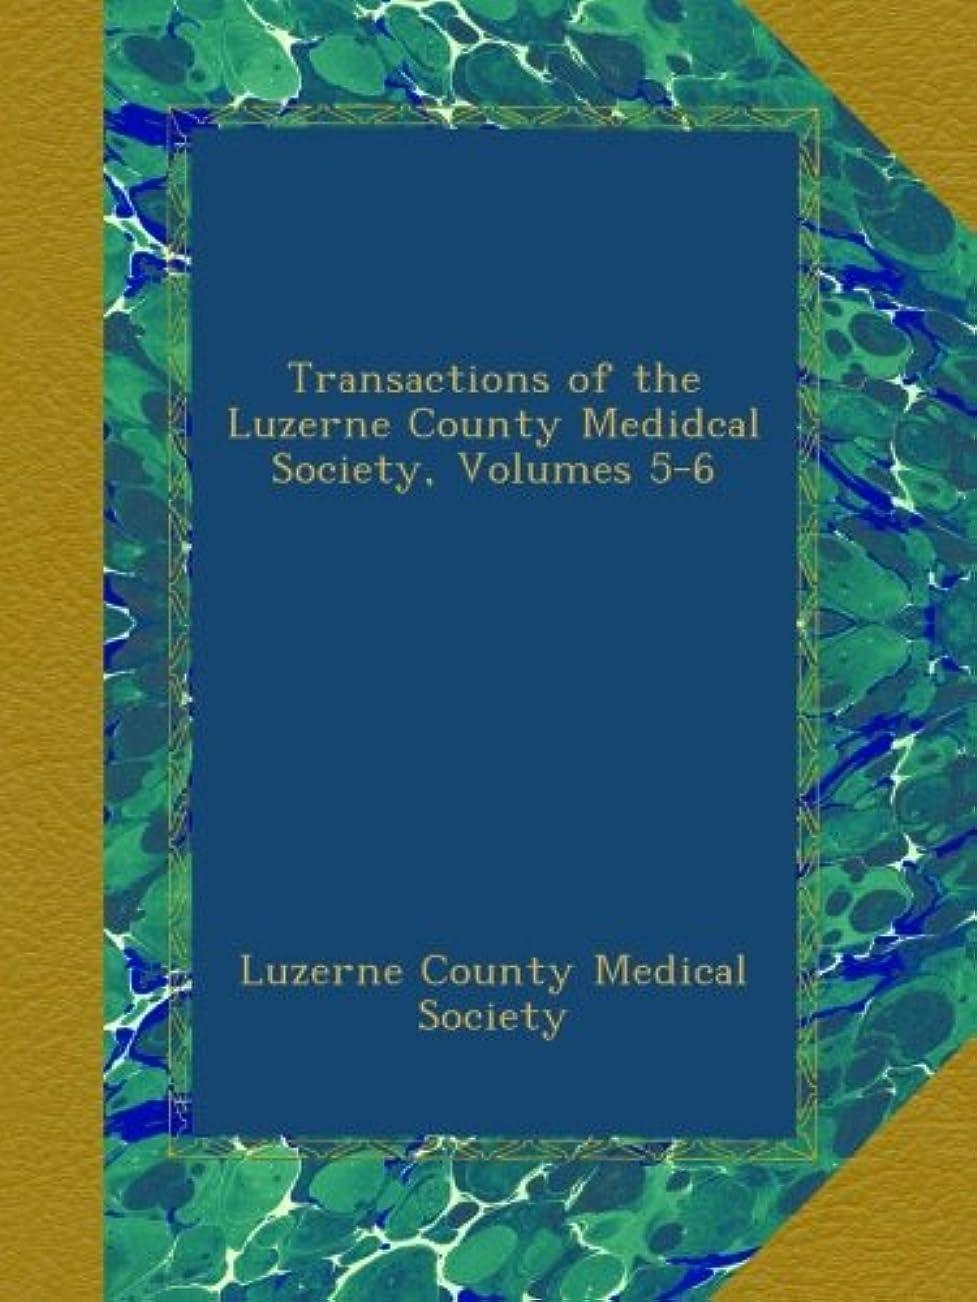 ストライド臭いもう一度Transactions of the Luzerne County Medidcal Society, Volumes 5-6